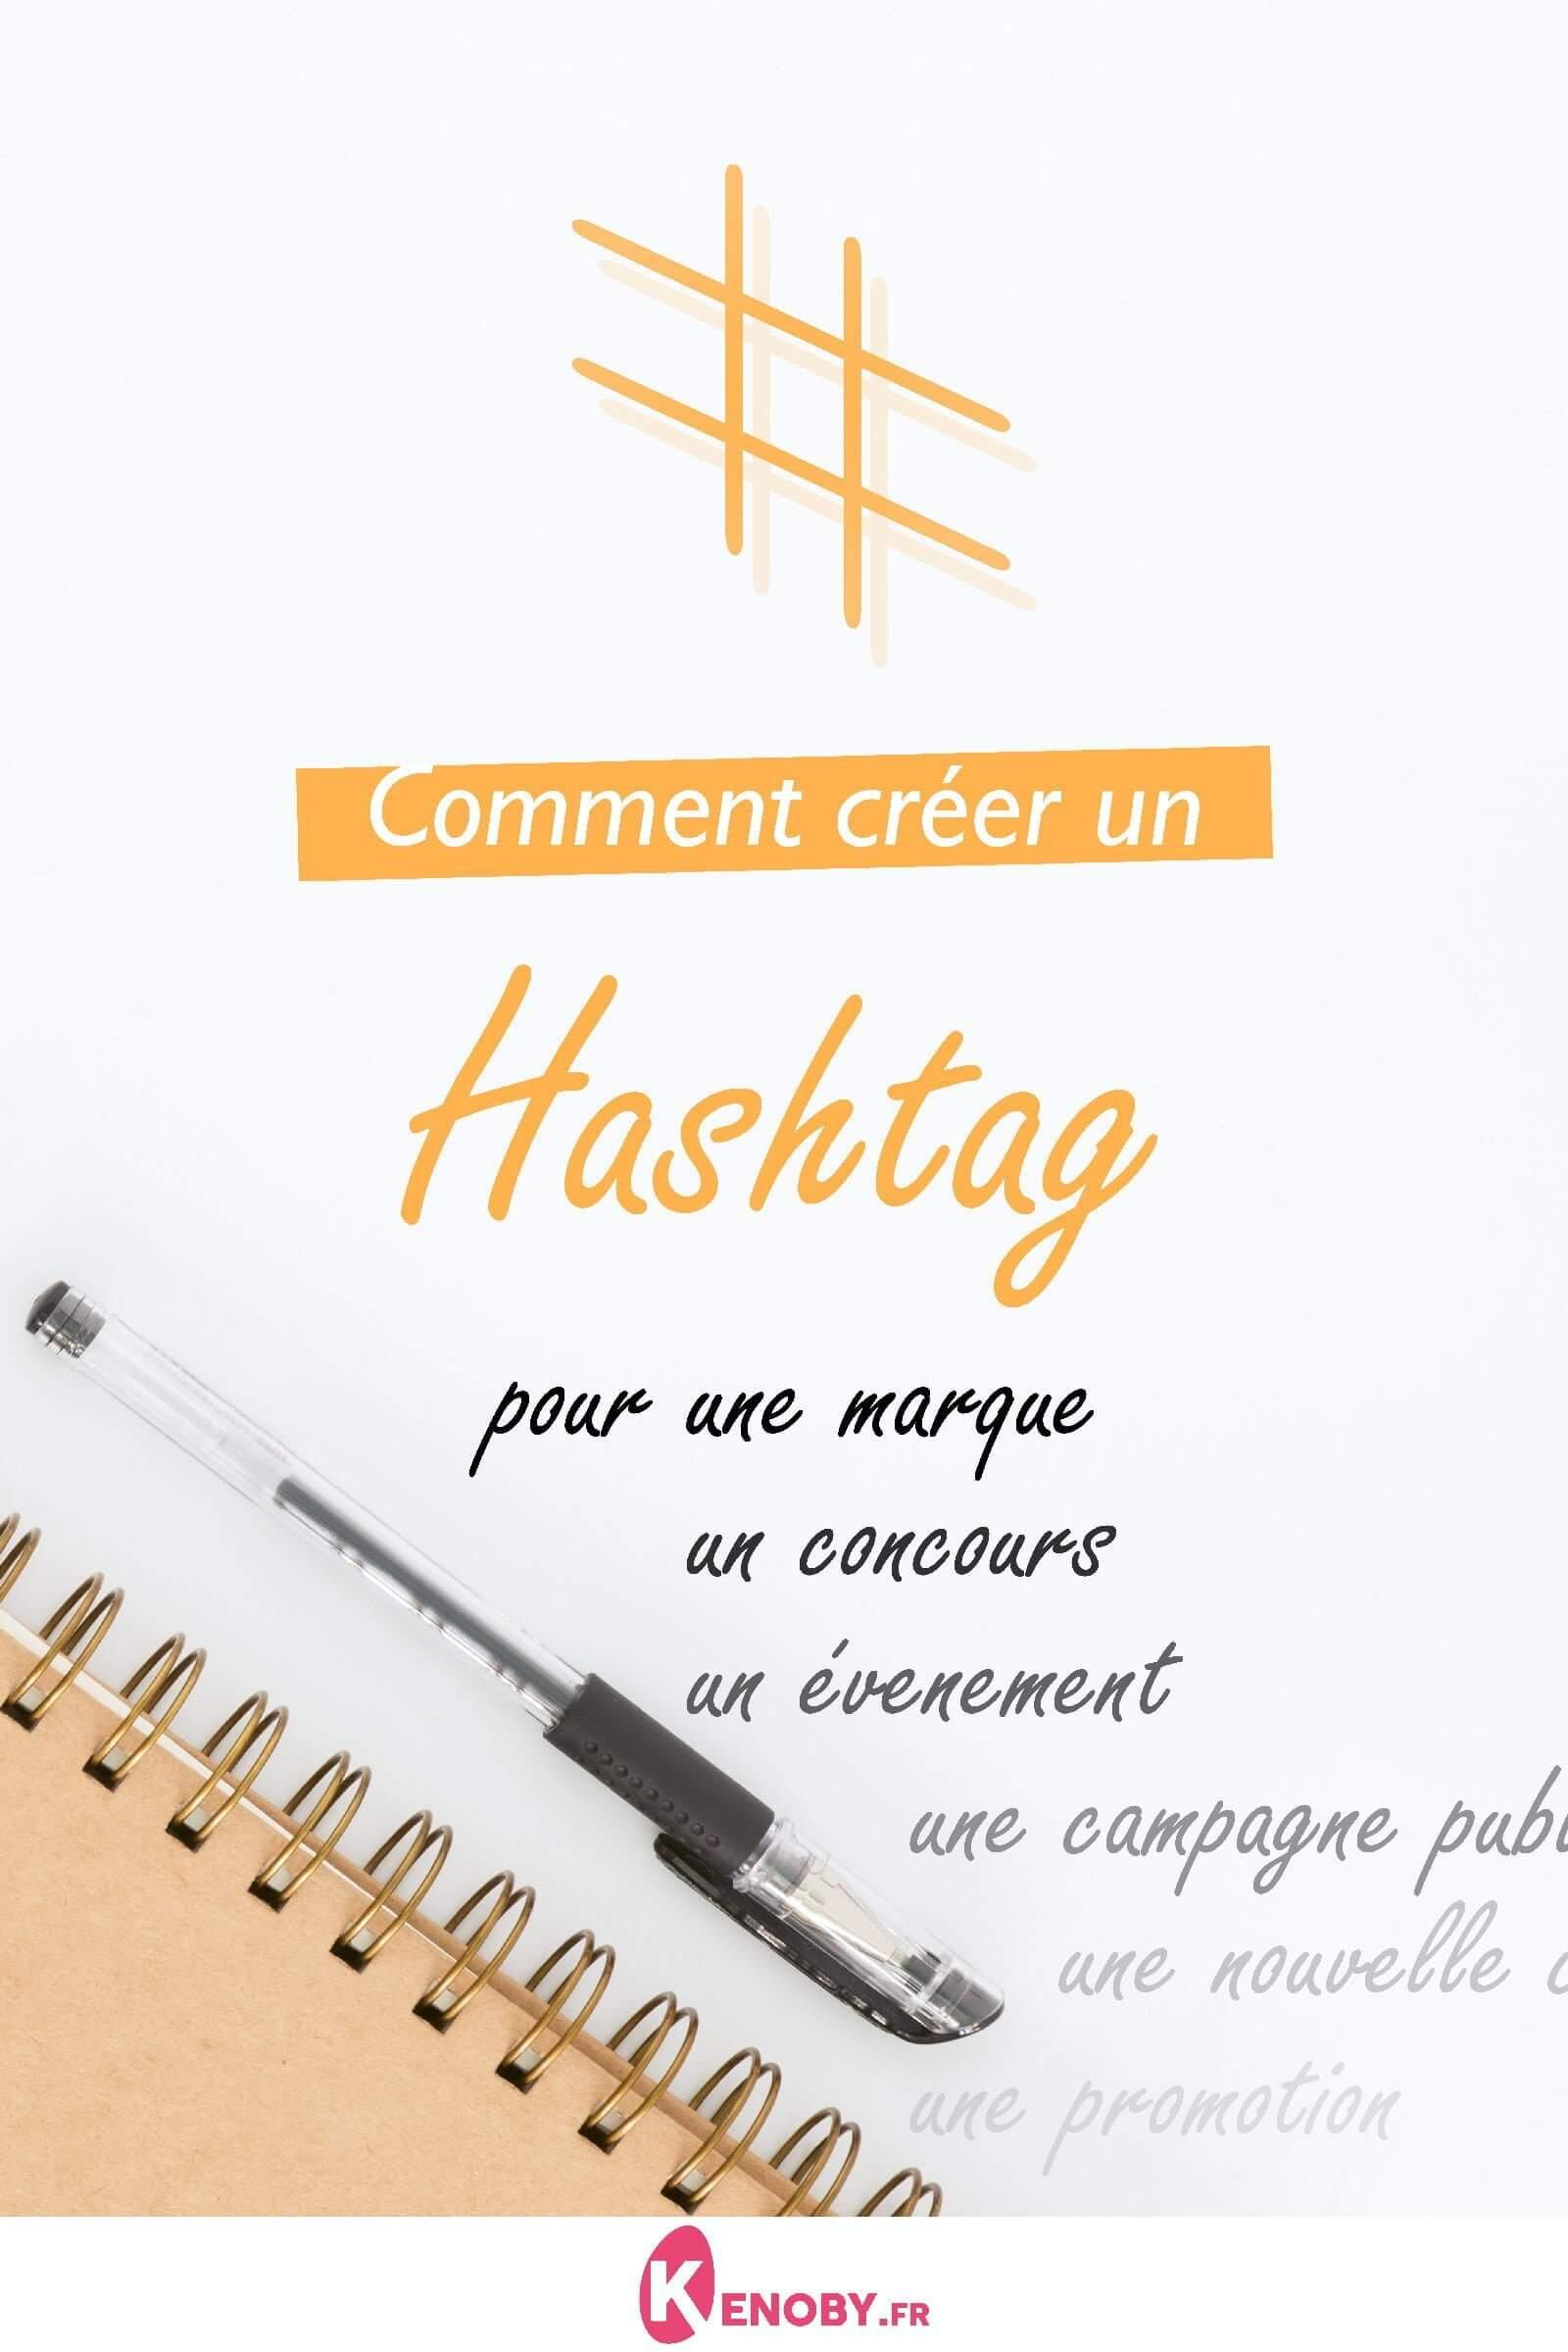 Comment créer un hashtag Instagram efficace en 2020